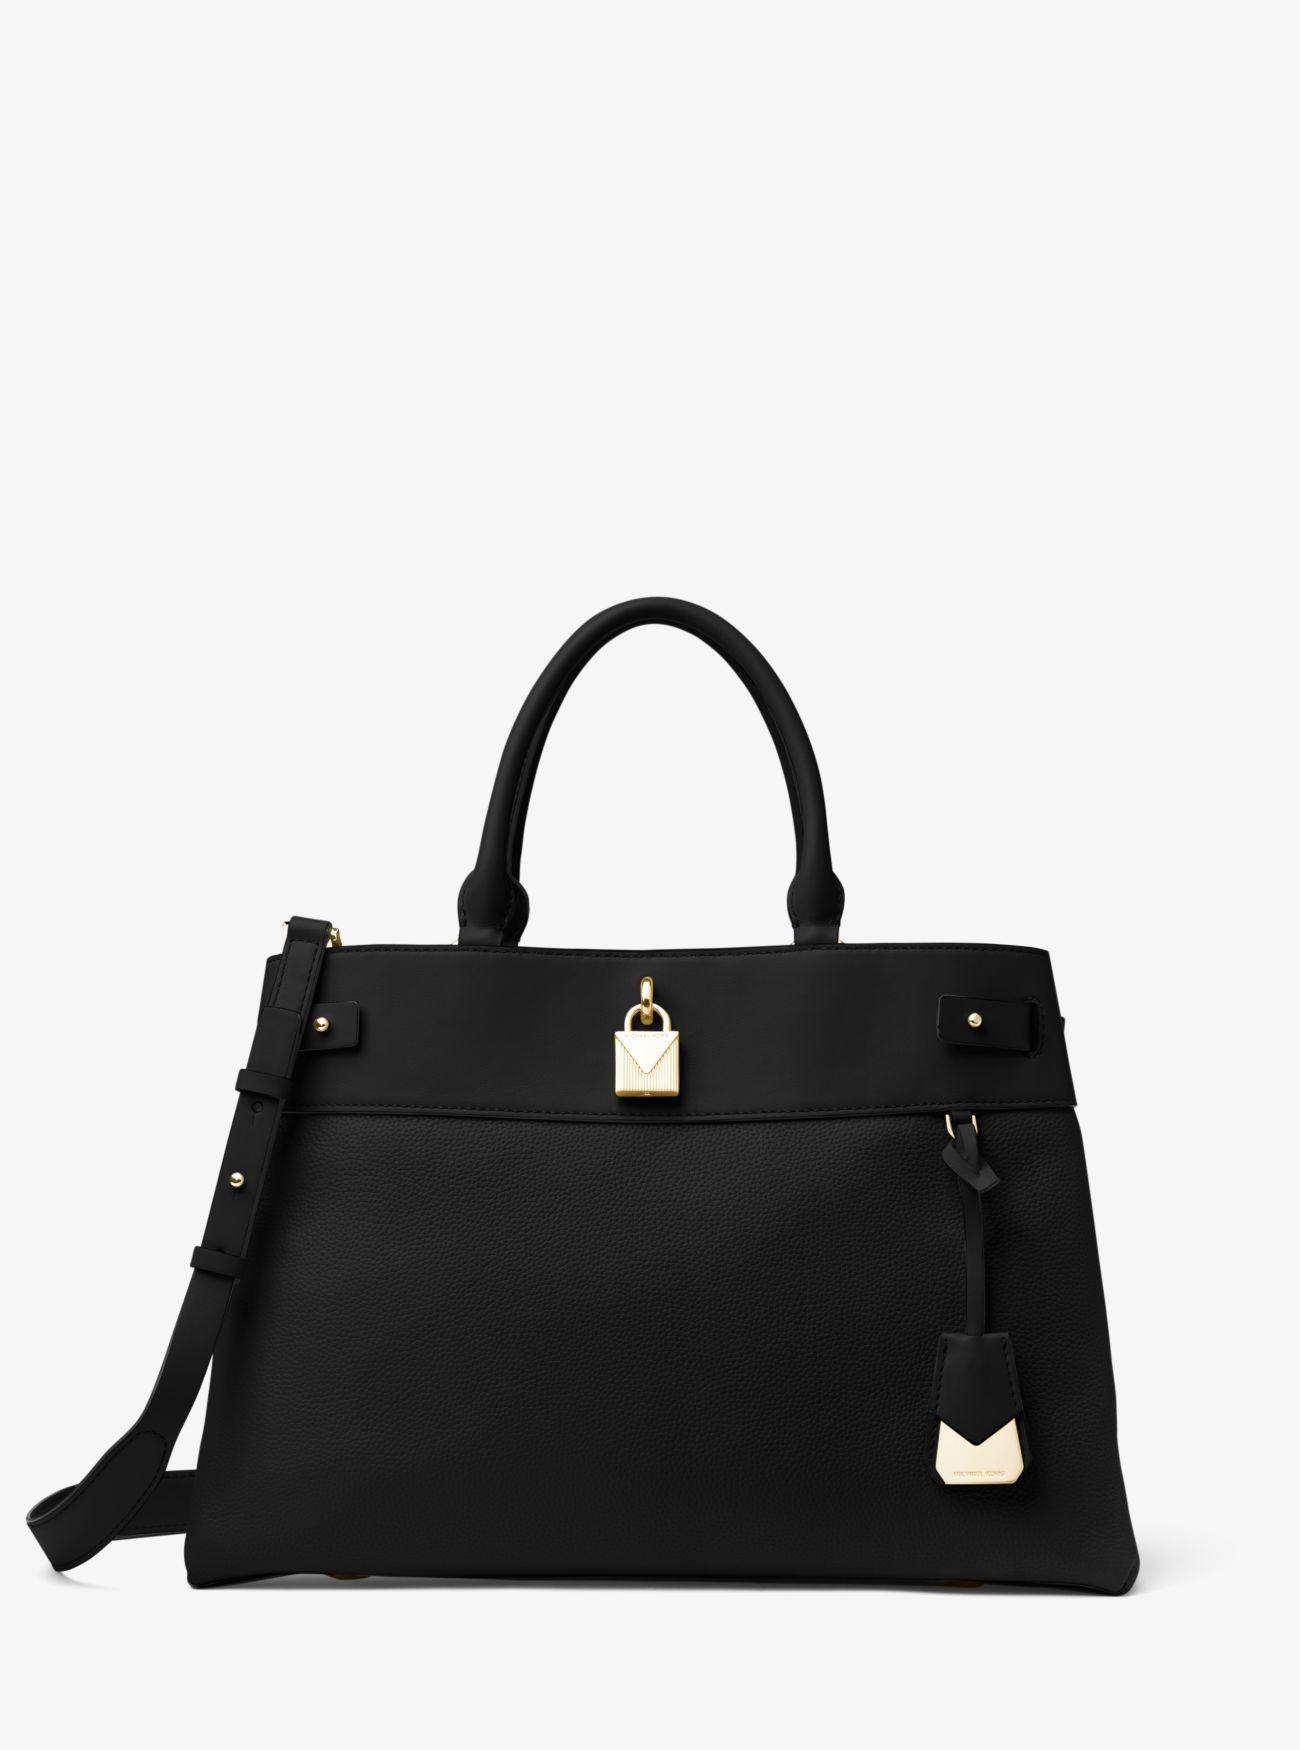 0a15089d71e8 Online Michael Kors Black Gramercy Large Leather Satchel Shop | MK ...